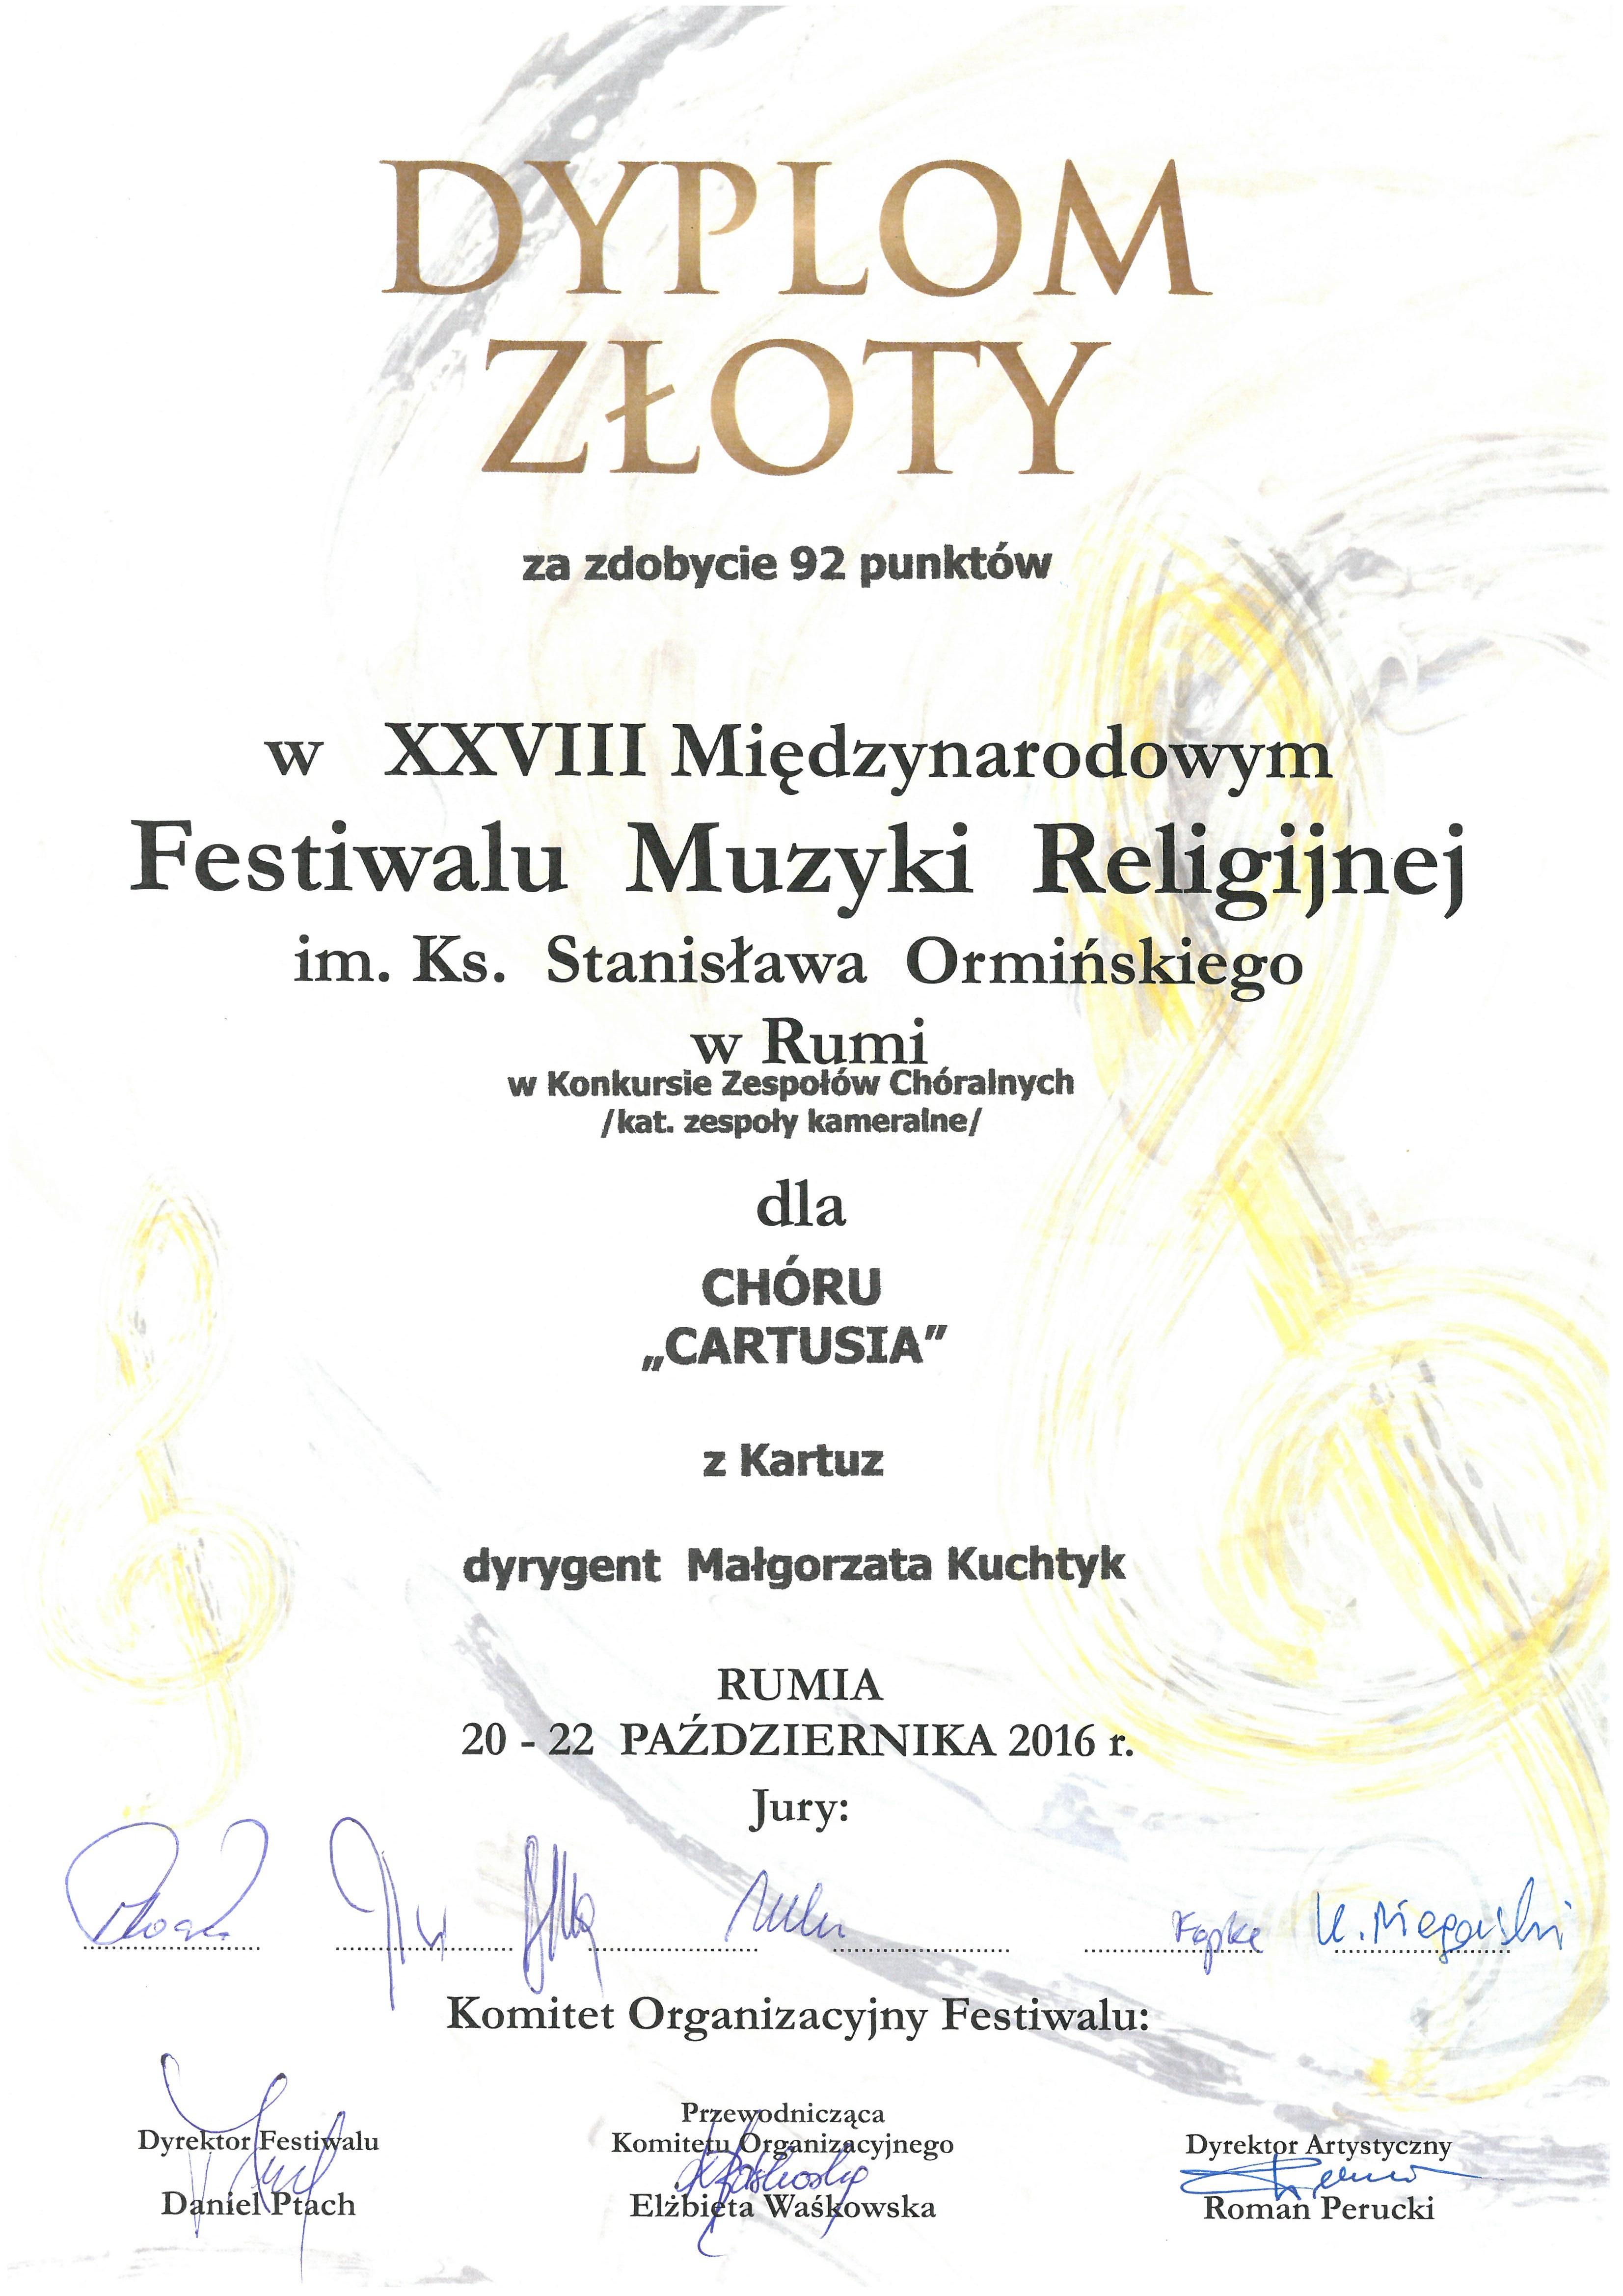 cartusia_rumia_2016_zloty-dyplom